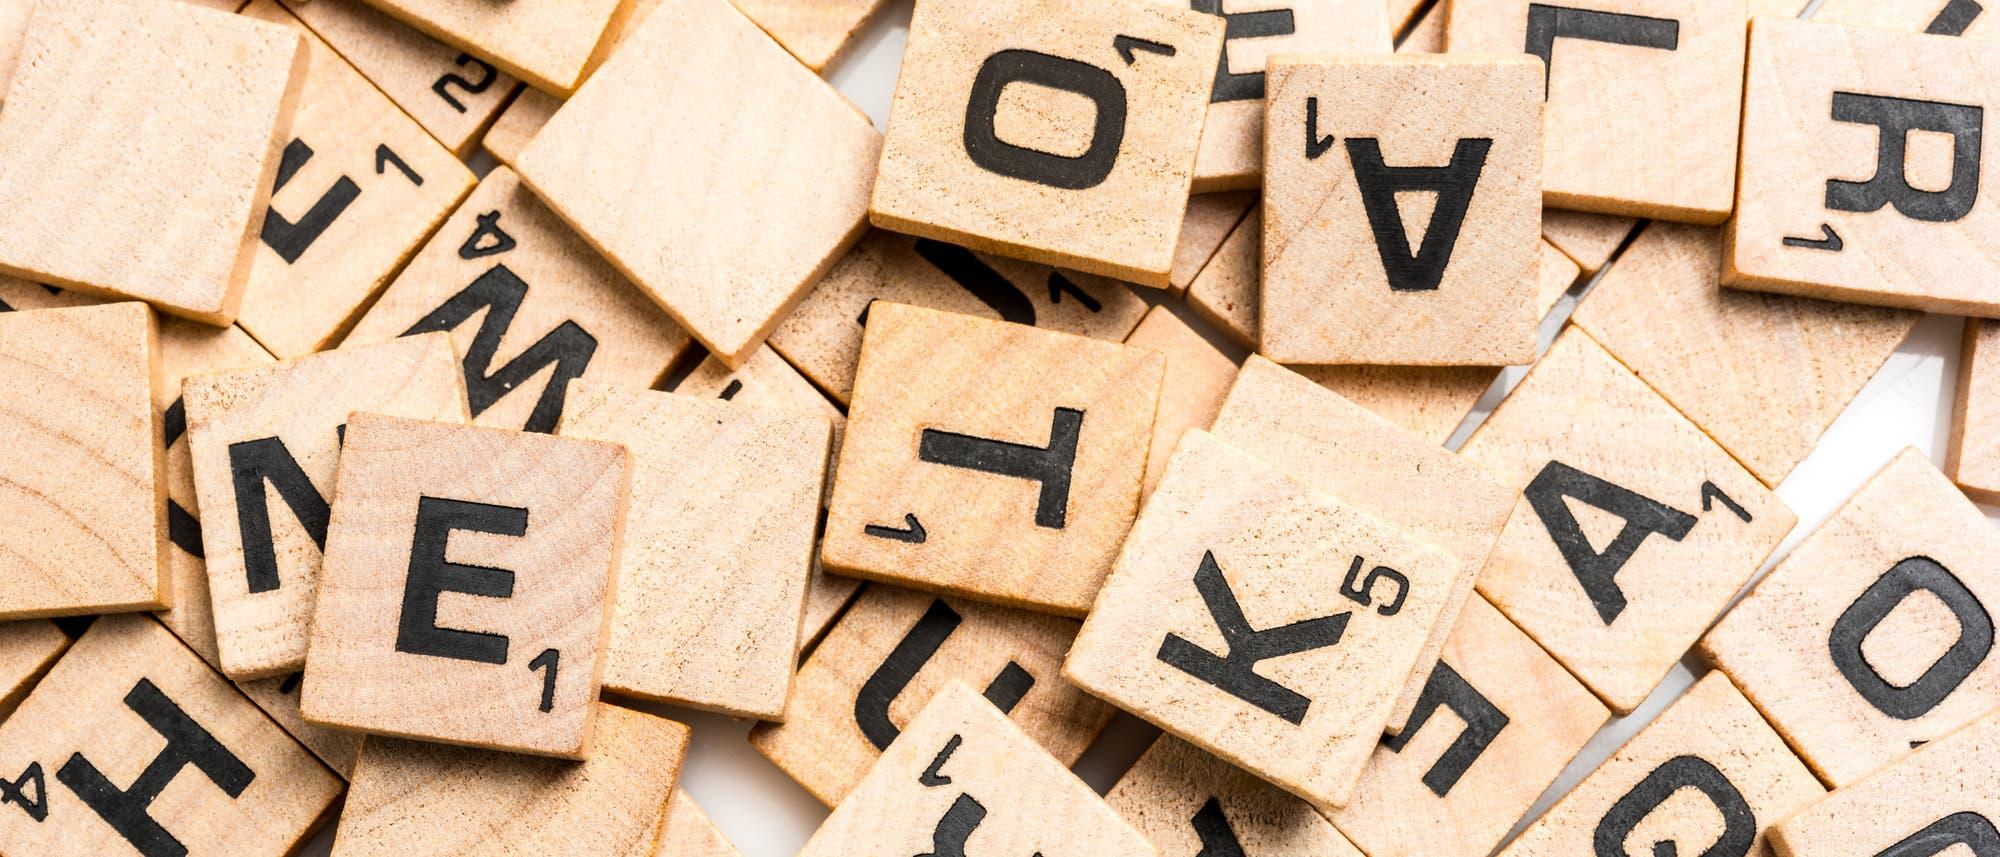 Eine Menge von Scrabble-Steinen mit Buchstaben